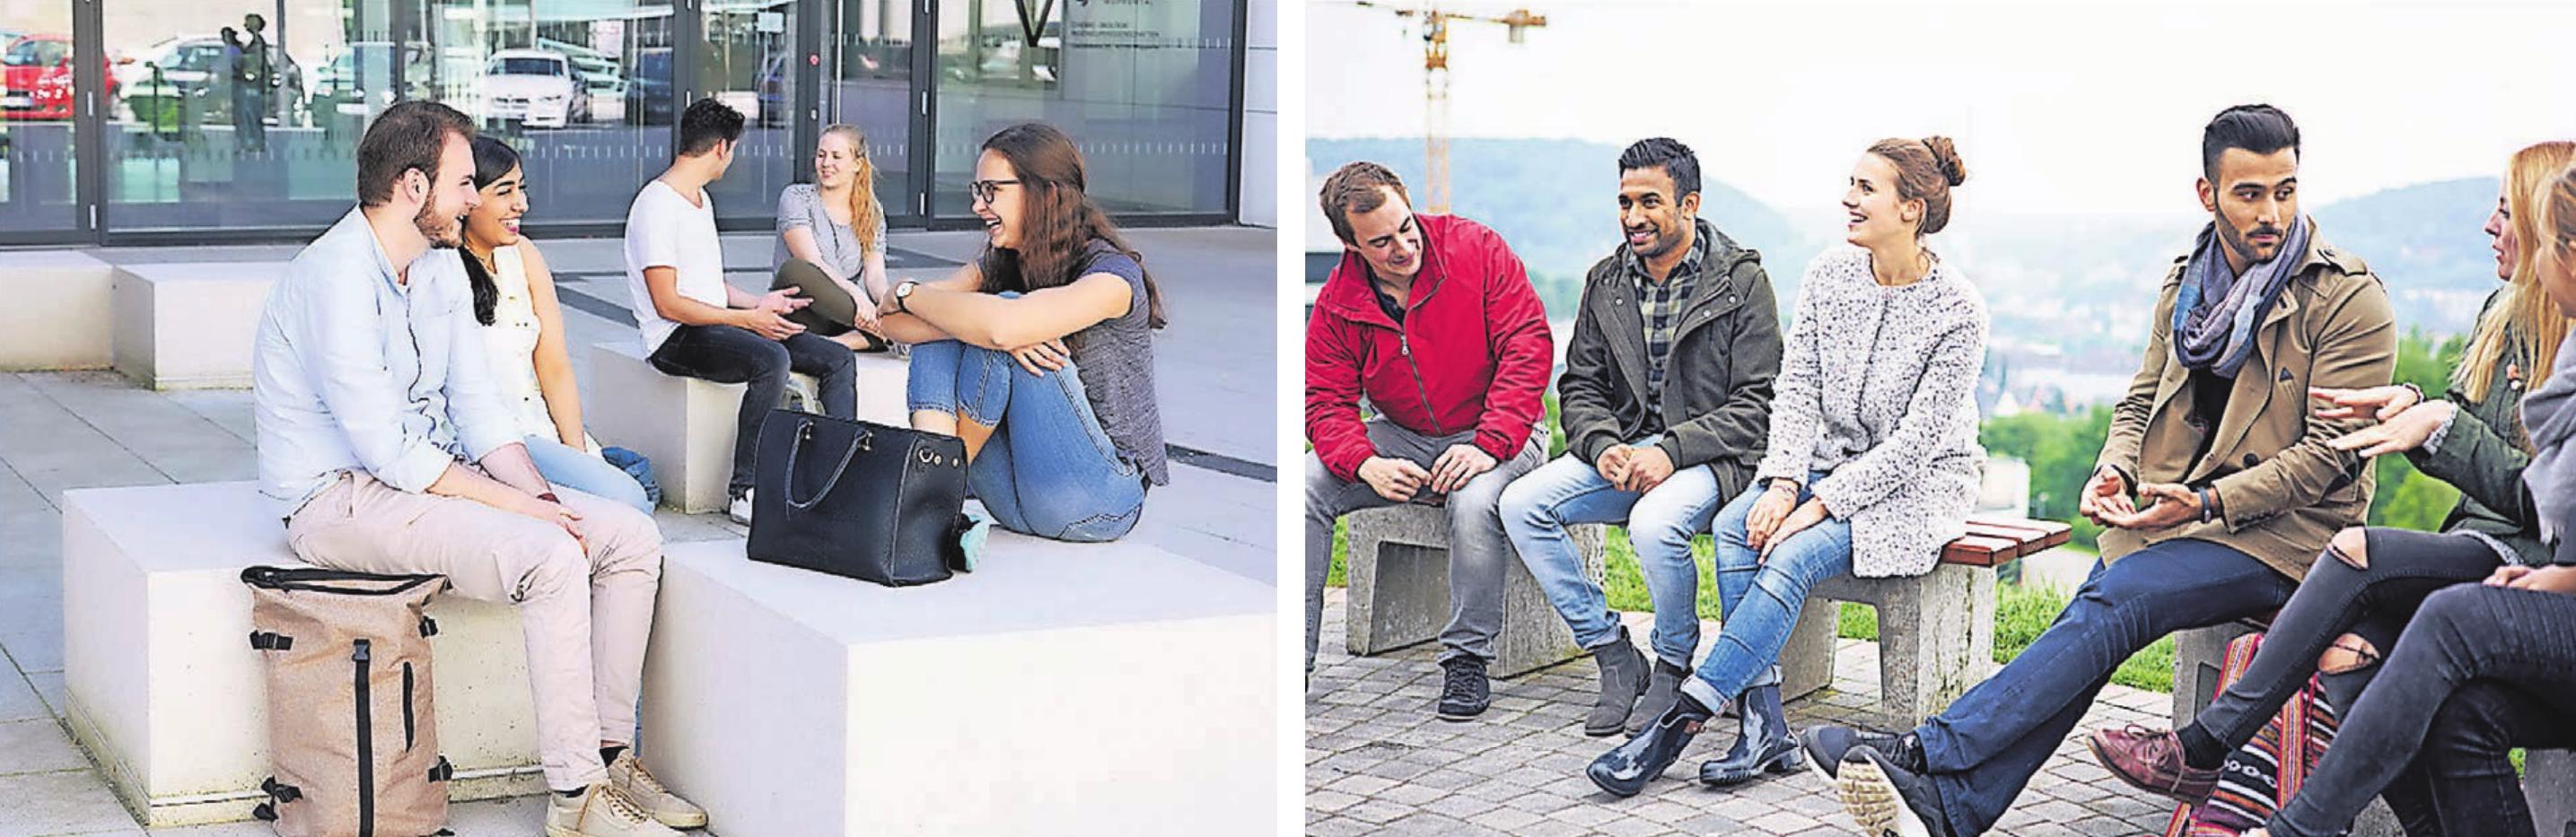 Die Bergische Universität Wuppertal will so vielen Hochschulmitgliedern wie möglich internationale Begegnungen und Austausch ermöglichen. Denn über Fakultätsgrenzen hinweg, ist man sich einig, dass diese Begegnungen ein offenes und tolerantes Miteinander und einen wichtigen Beitrag zur internationalen Verständigung leisten.